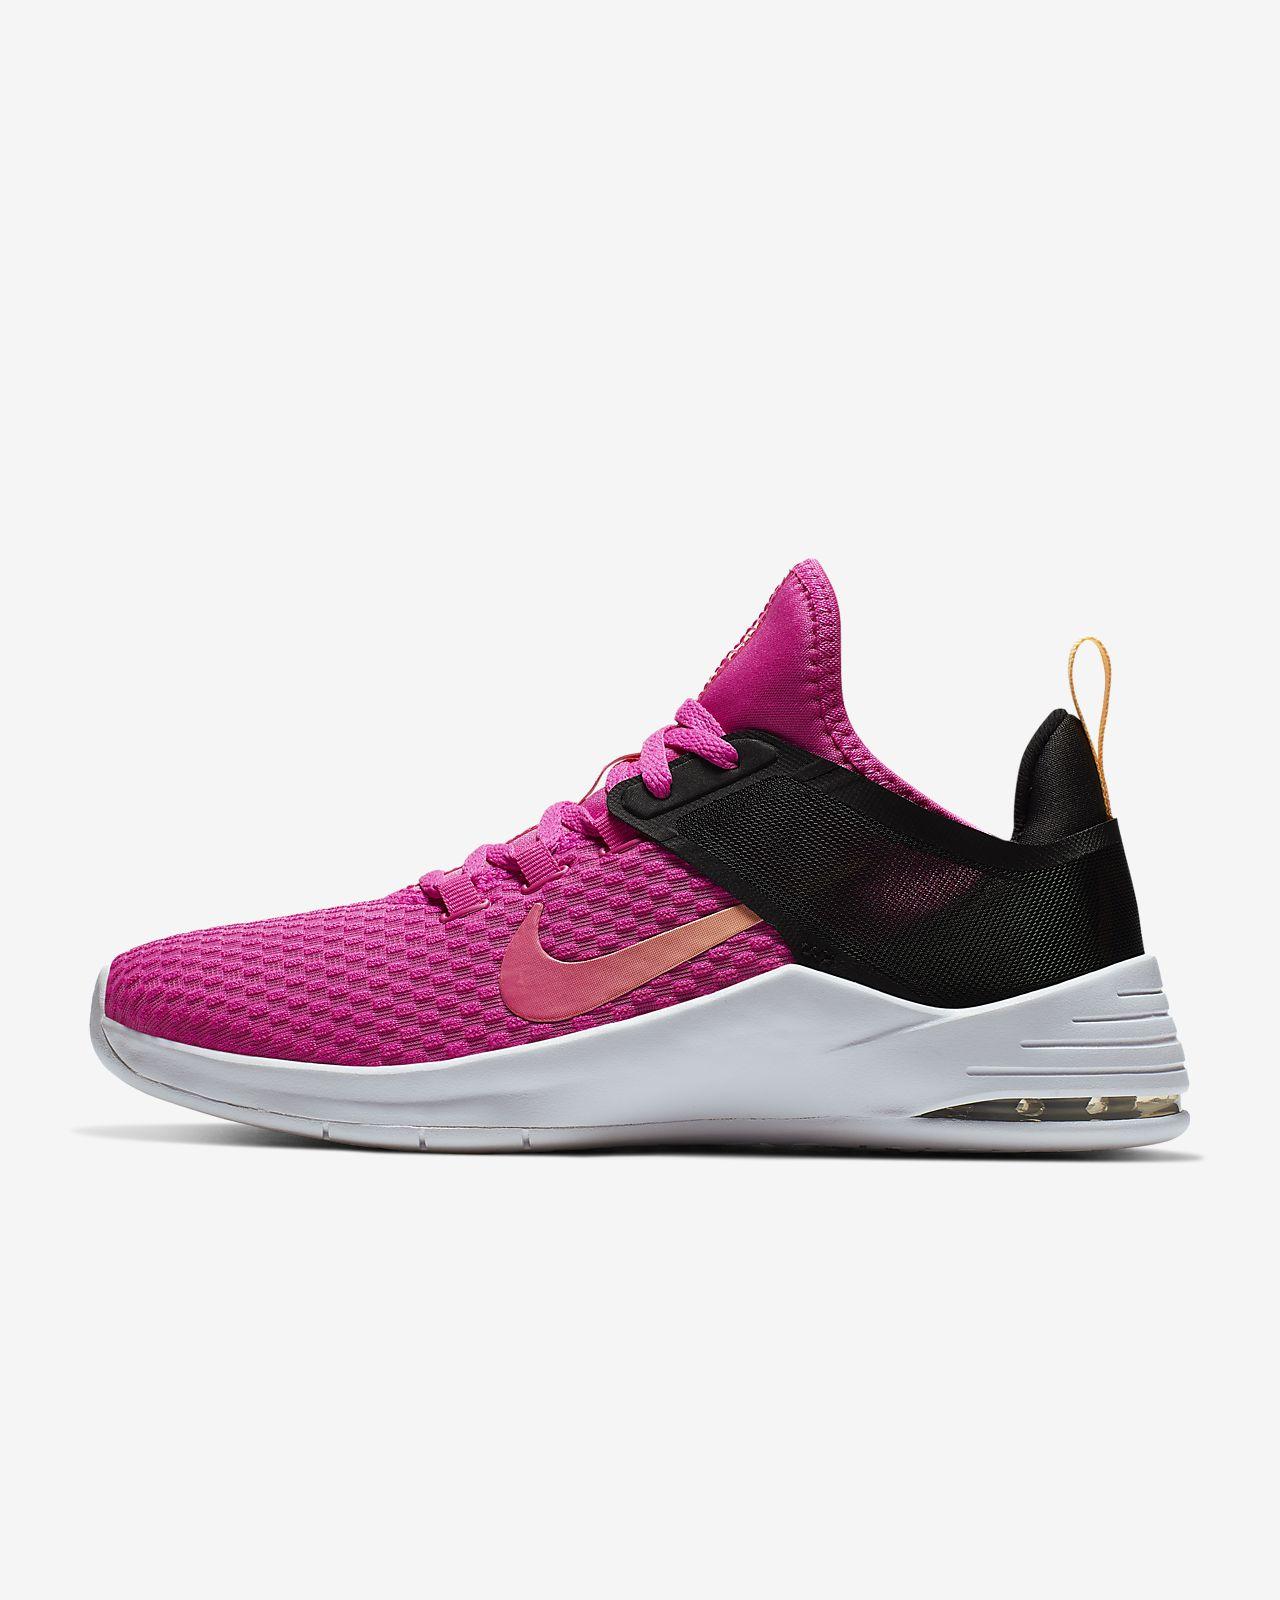 03b1b7c07019 Nike Air Max Bella TR 2 Women s Training Shoe. Nike.com